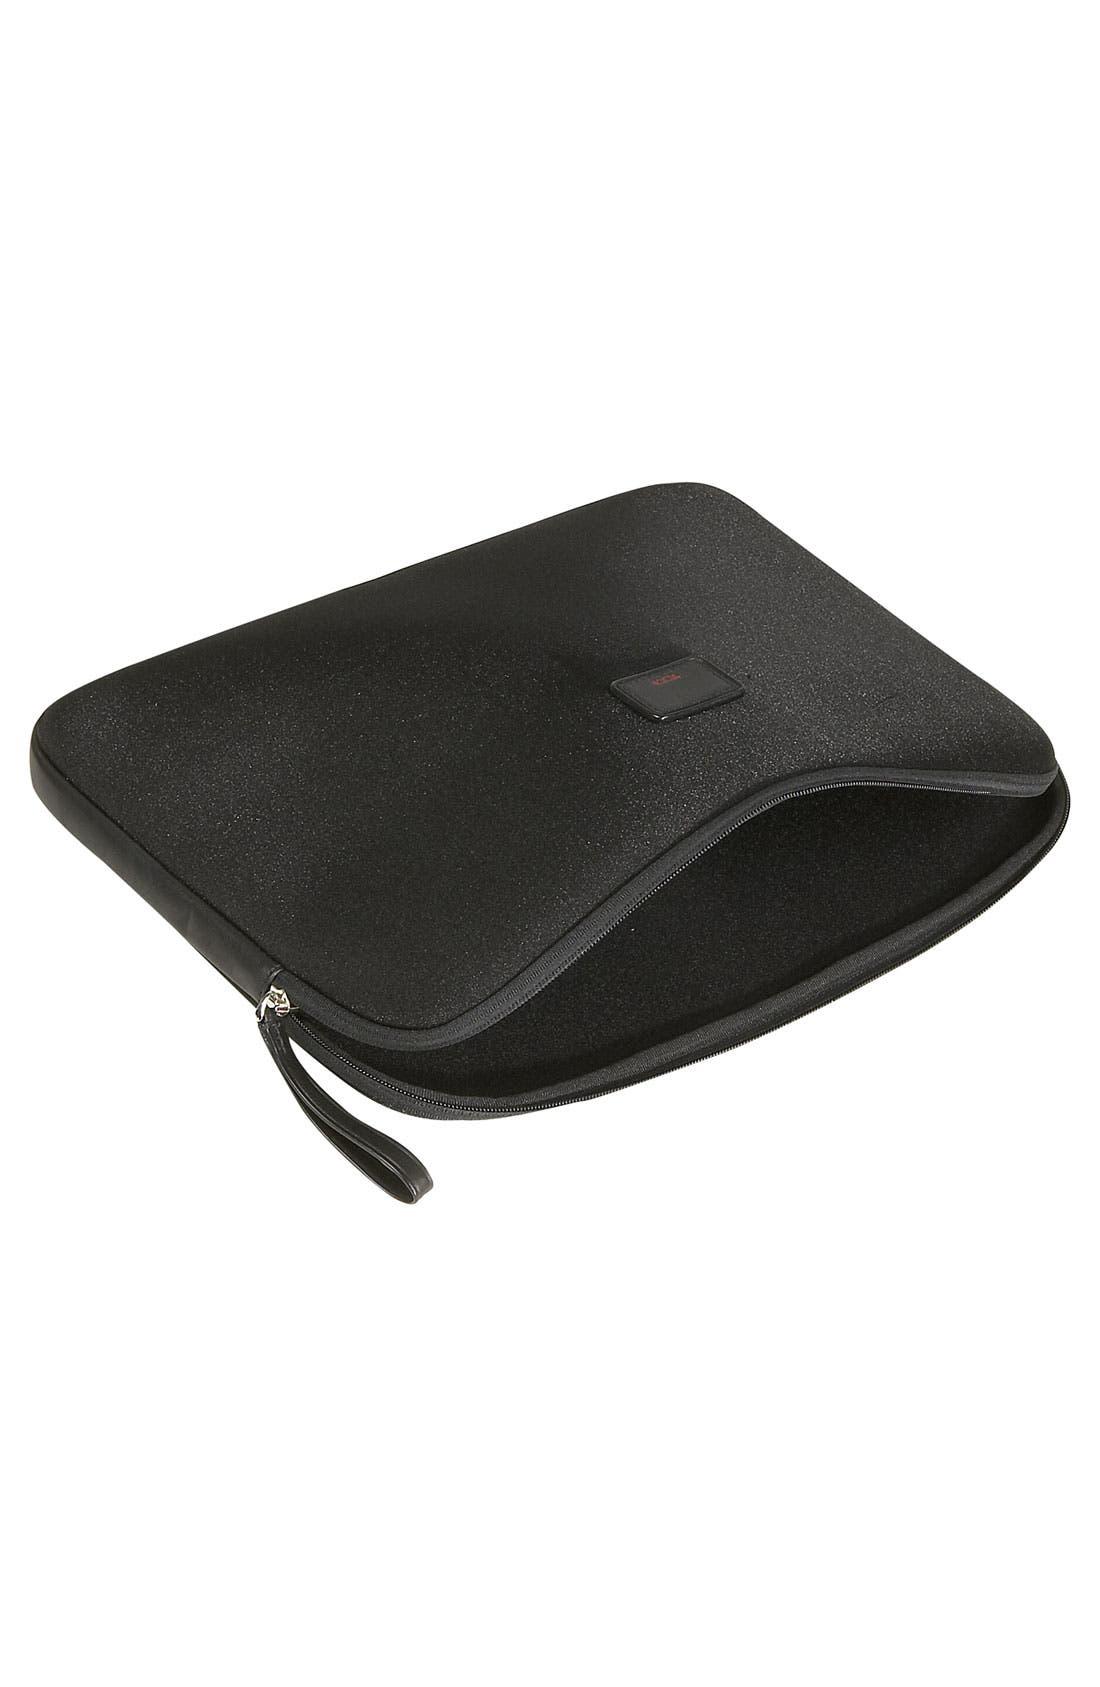 Alternate Image 3  - Tumi 'Alpha - Medium' Laptop Cover (15 Inch)